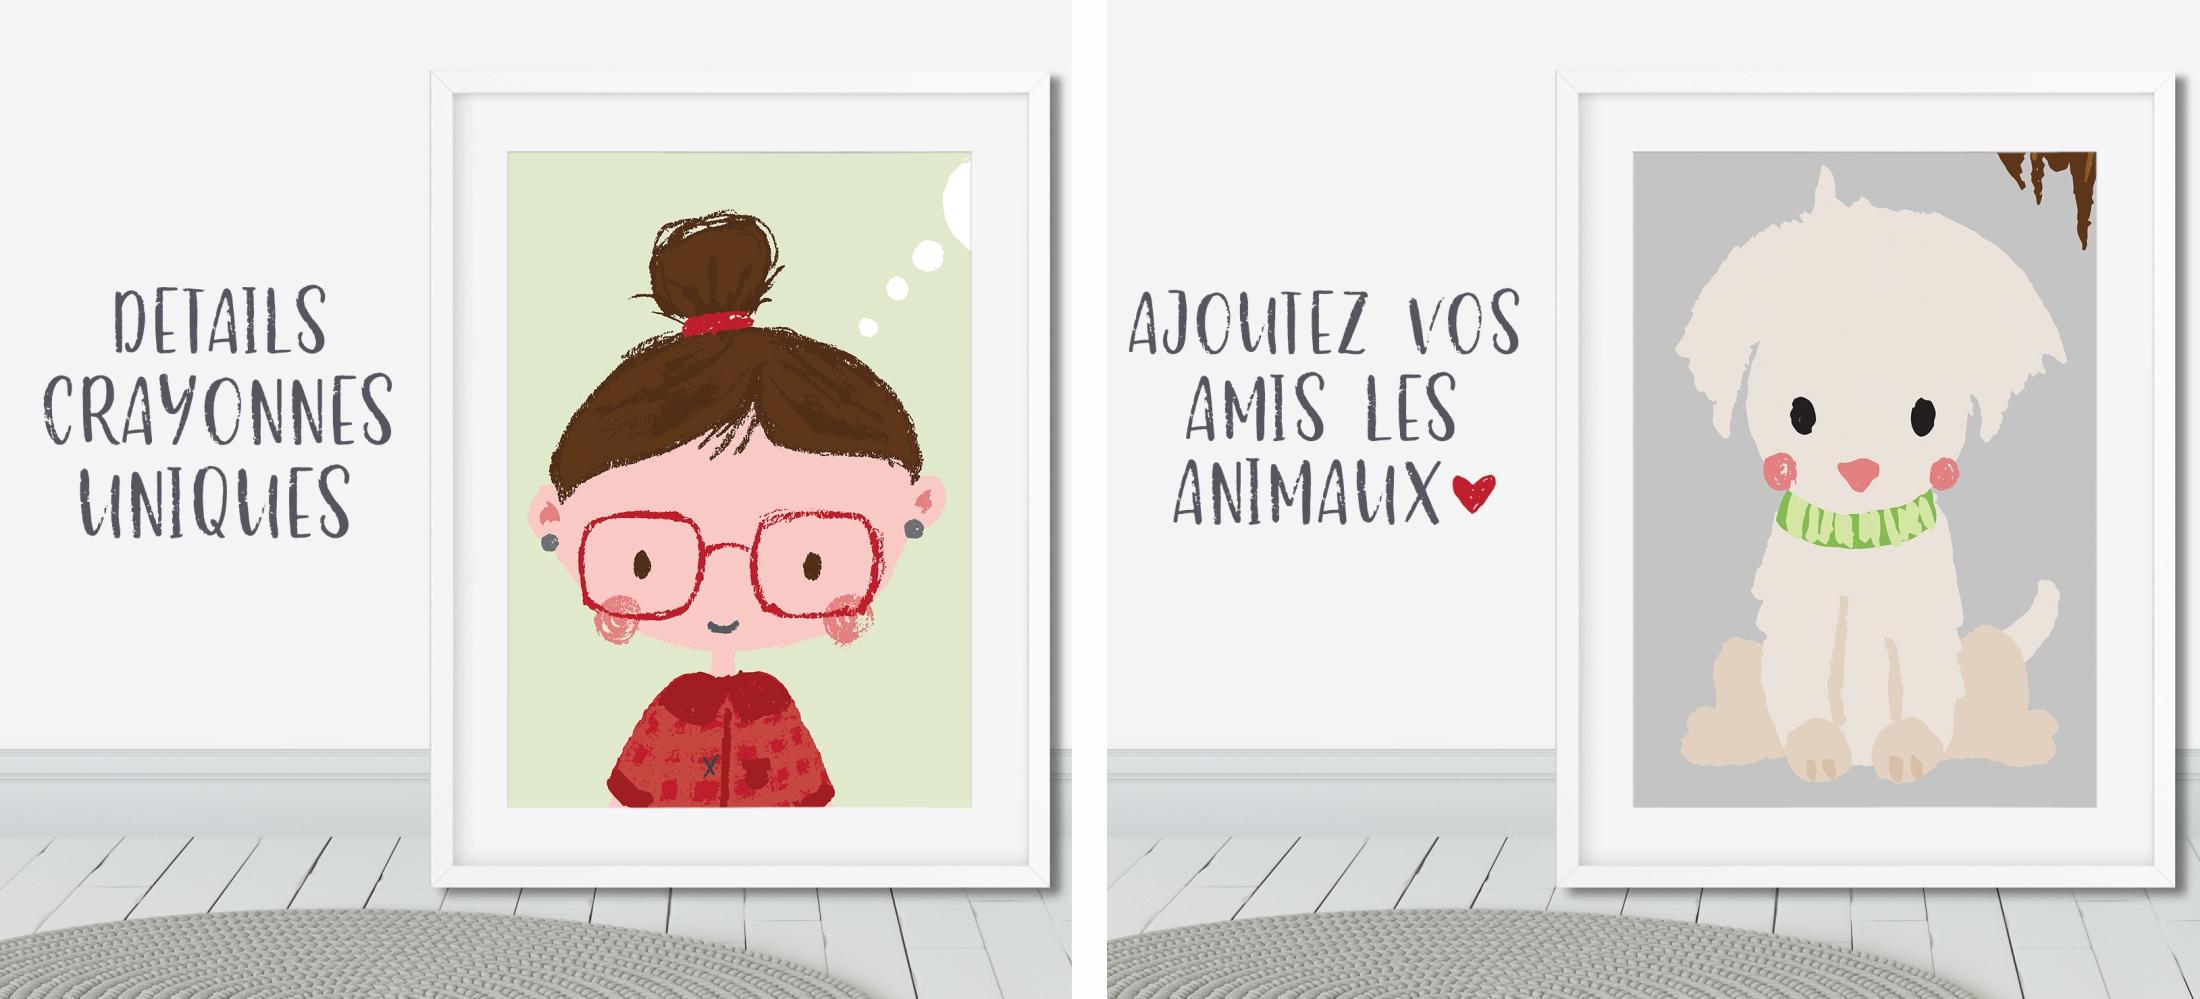 portraits-personnalises-details-animaux-hello-godiche.jpg